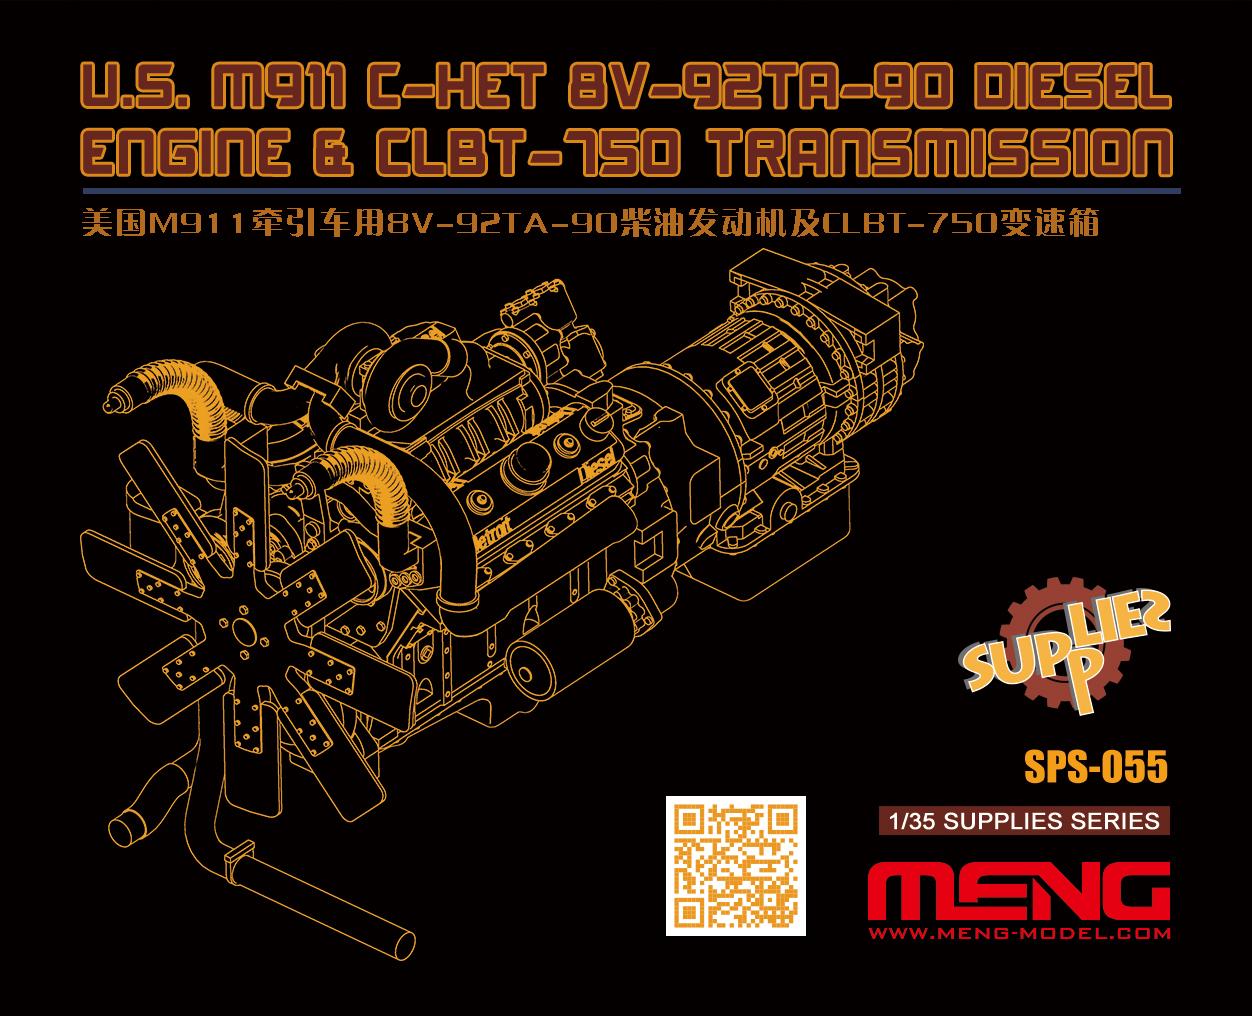 MMSPS-055